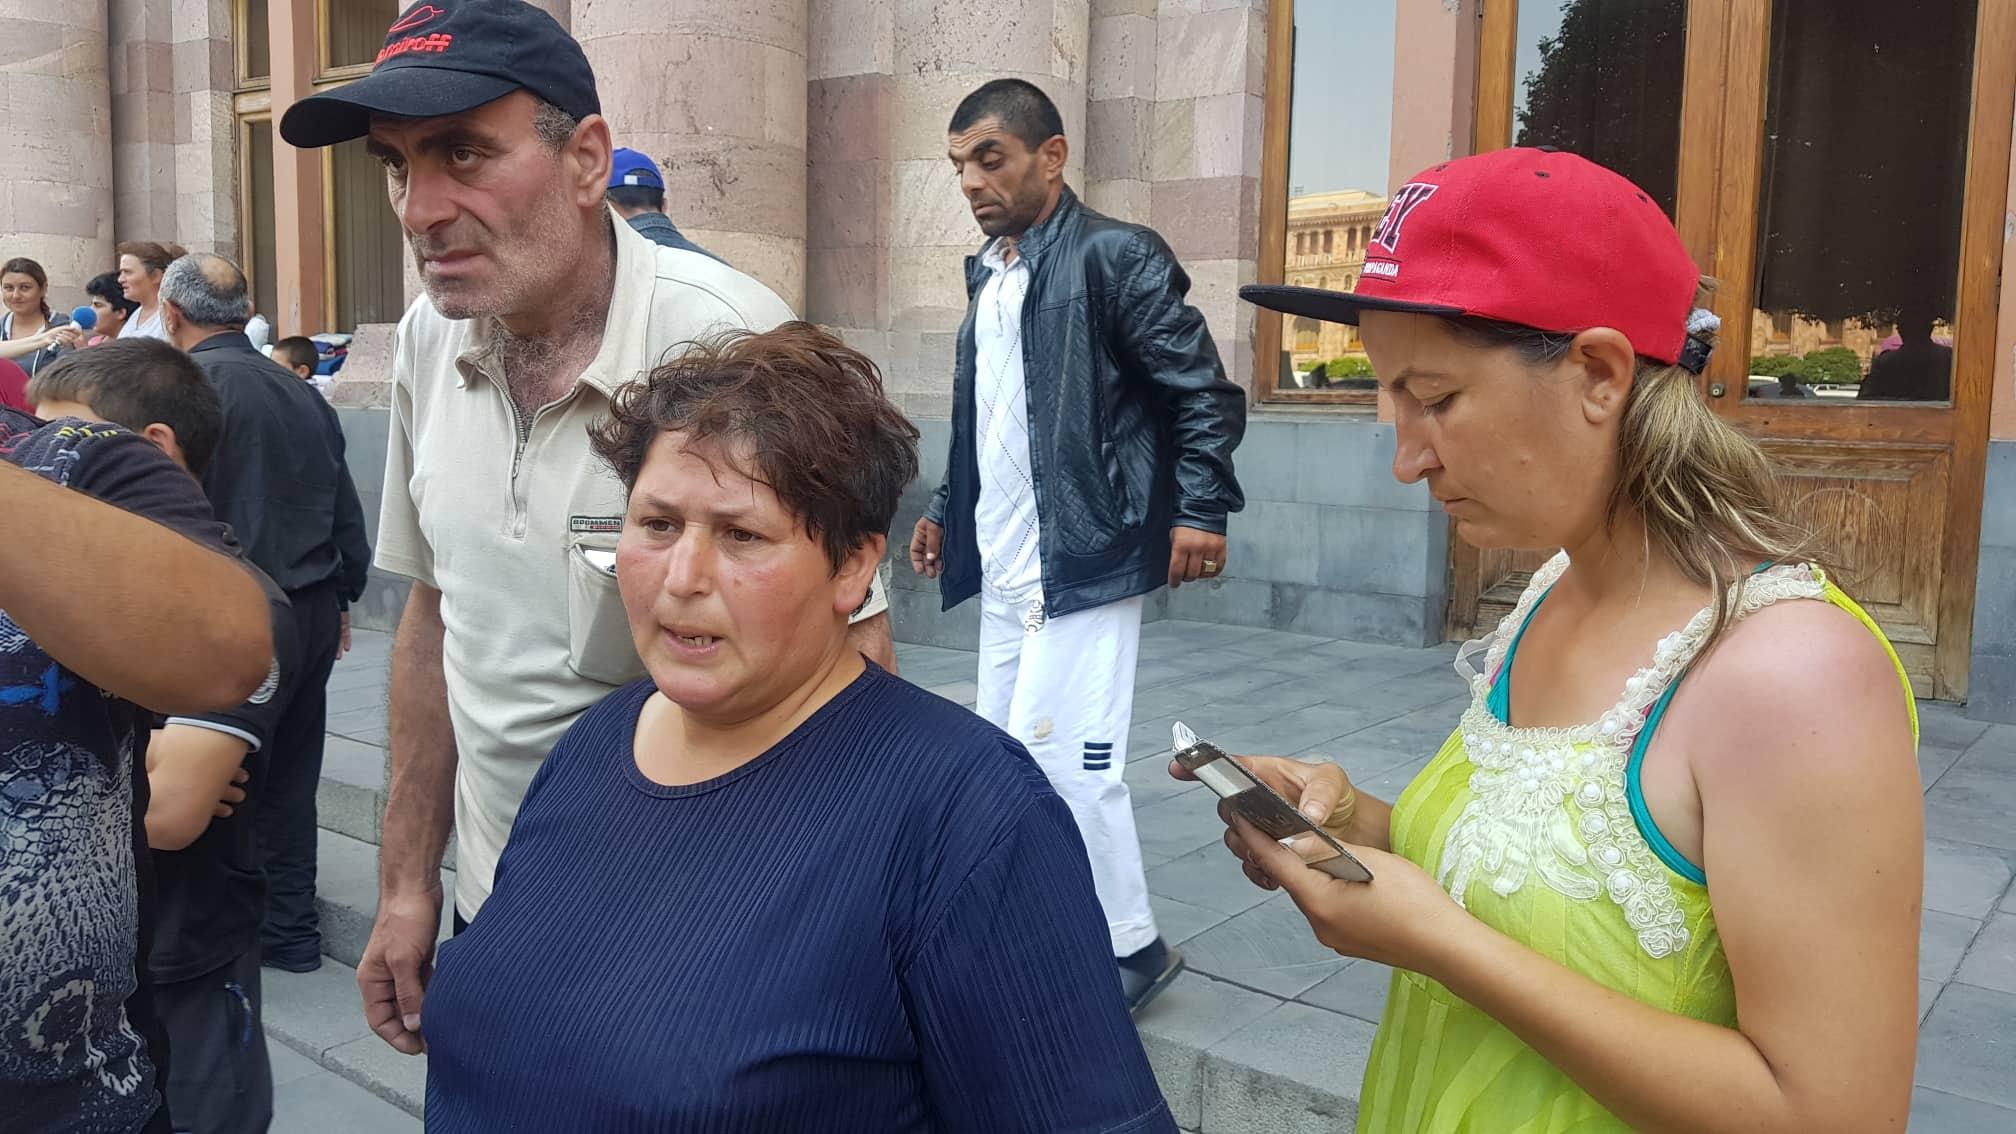 Տեսանյութ. Կհրաժարվենք Հայաստանի քաղաքացիությունից.Ոտքերս կմեխեմ գետնին, եթե...3 օր գիշերում են կառավարության մոտ